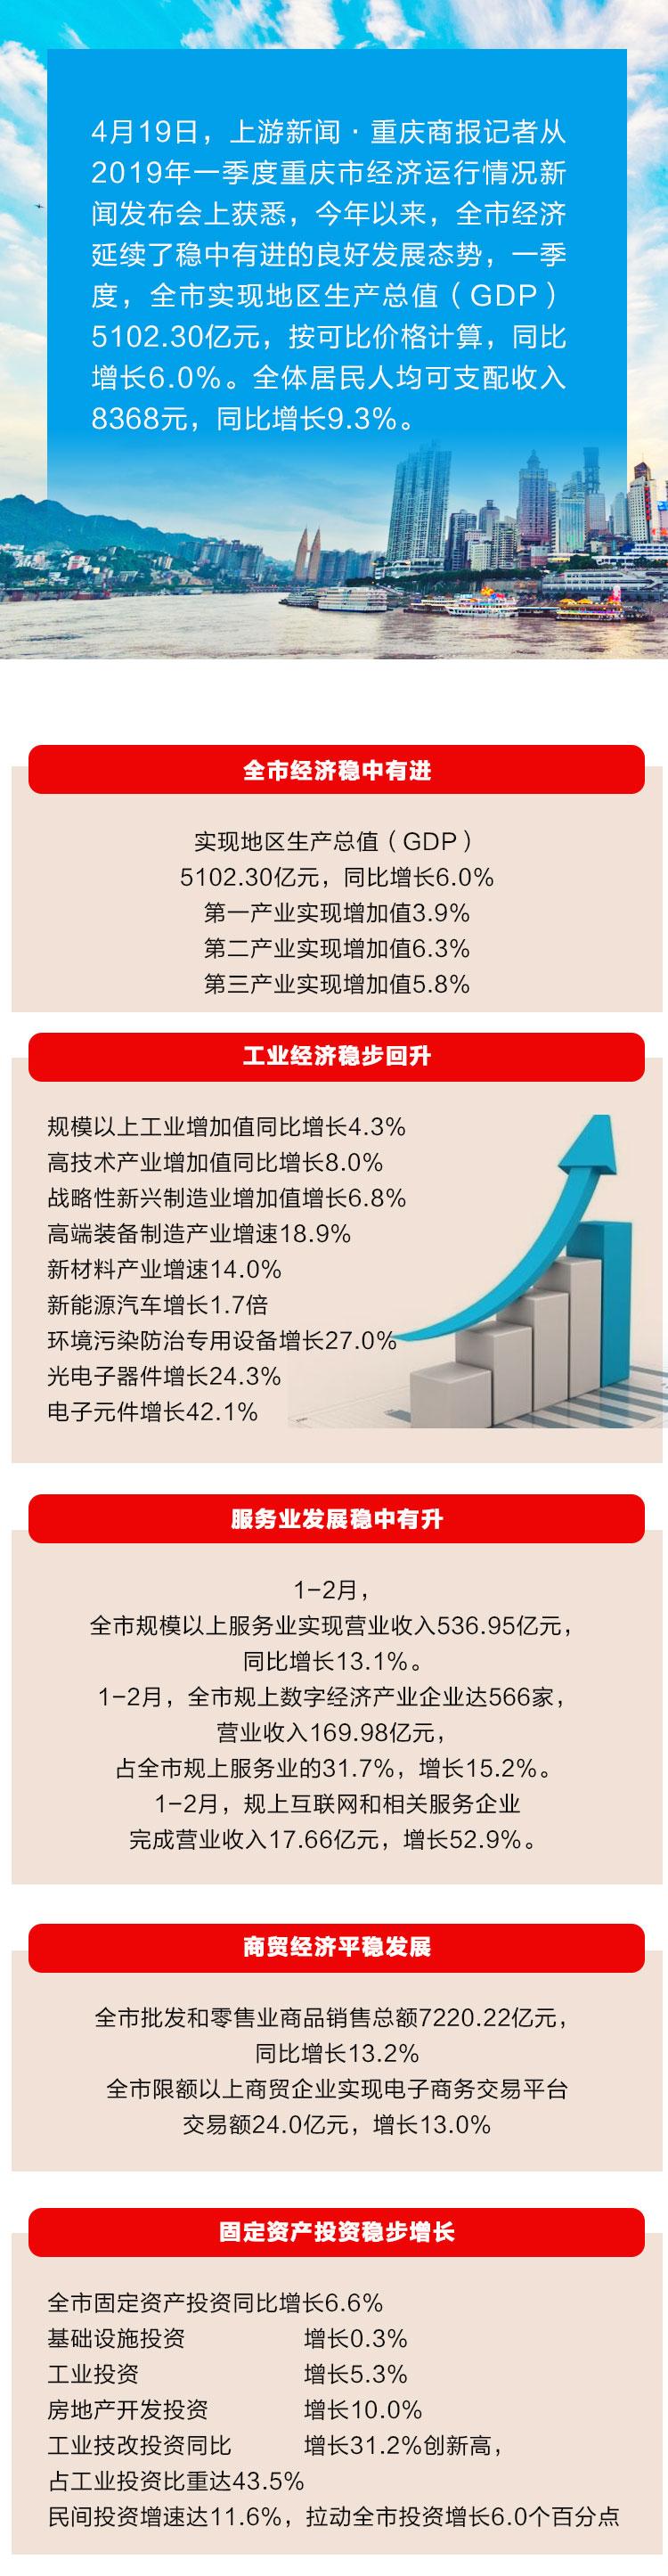 """一图看懂2019一季度重庆经济运行""""成绩单""""_01.jpg"""